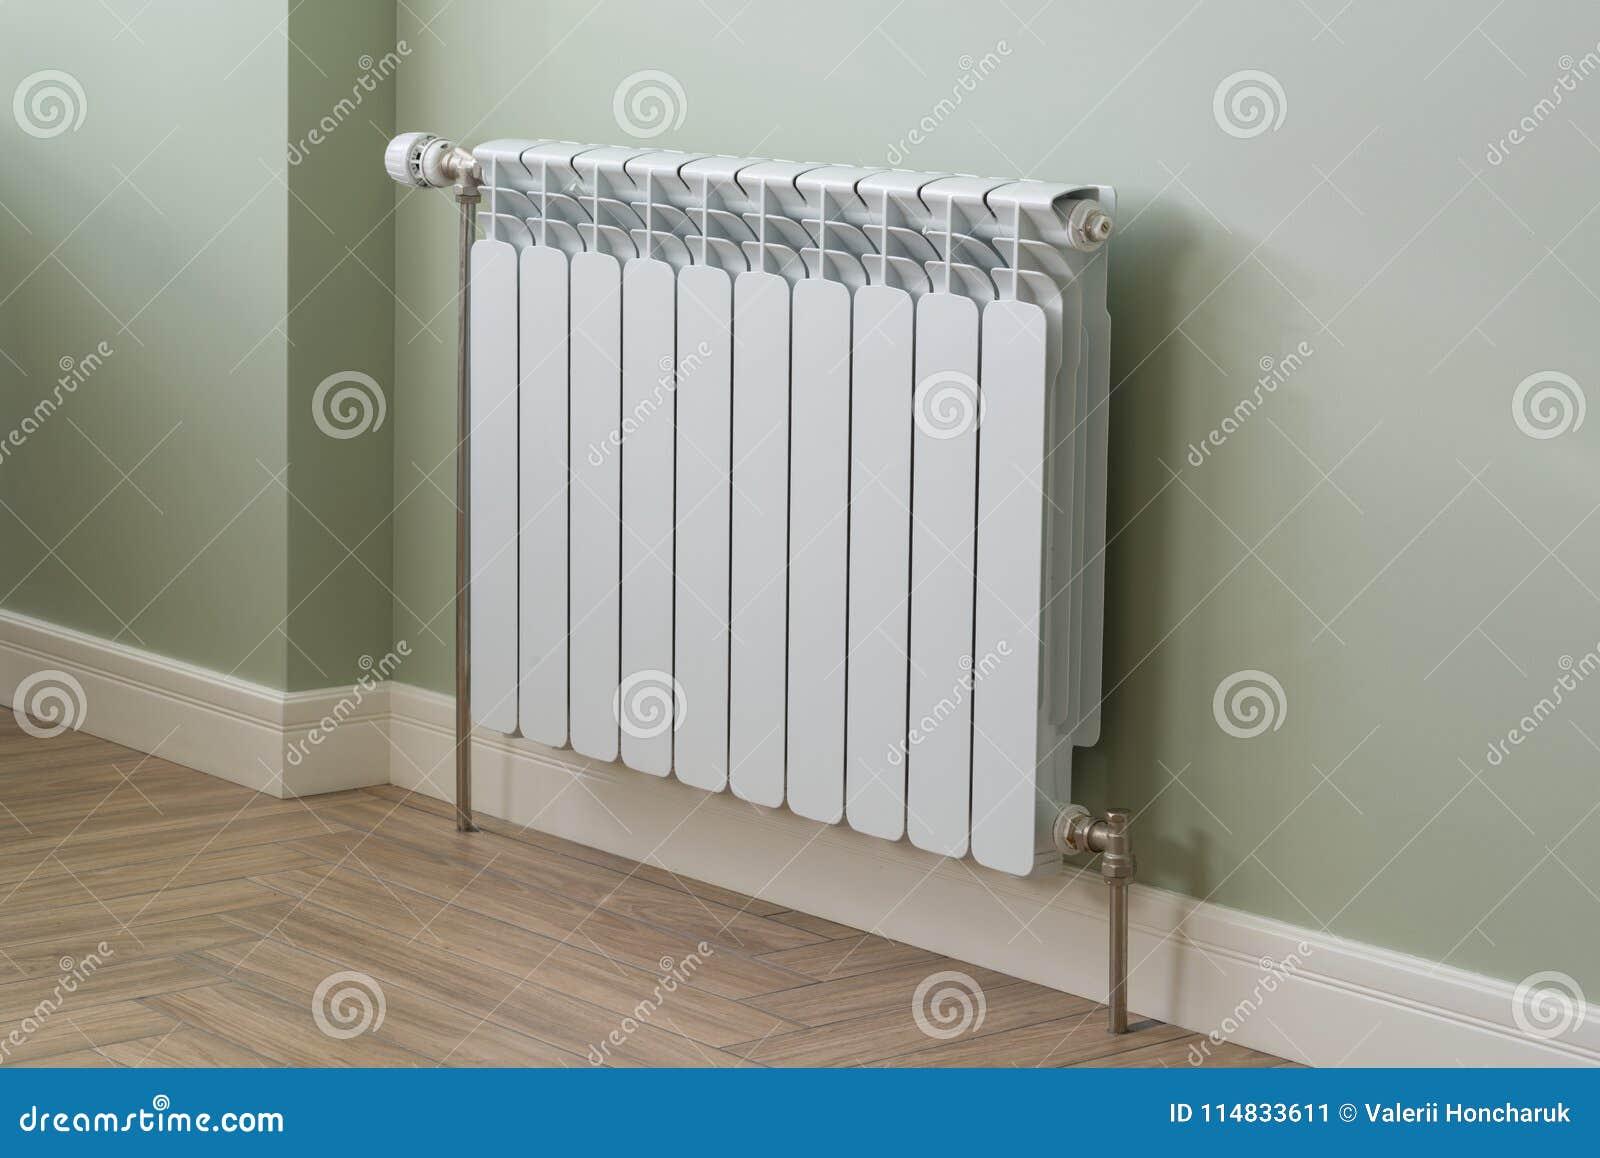 Radiador de la calefacción, radiador blanco en un apartamento